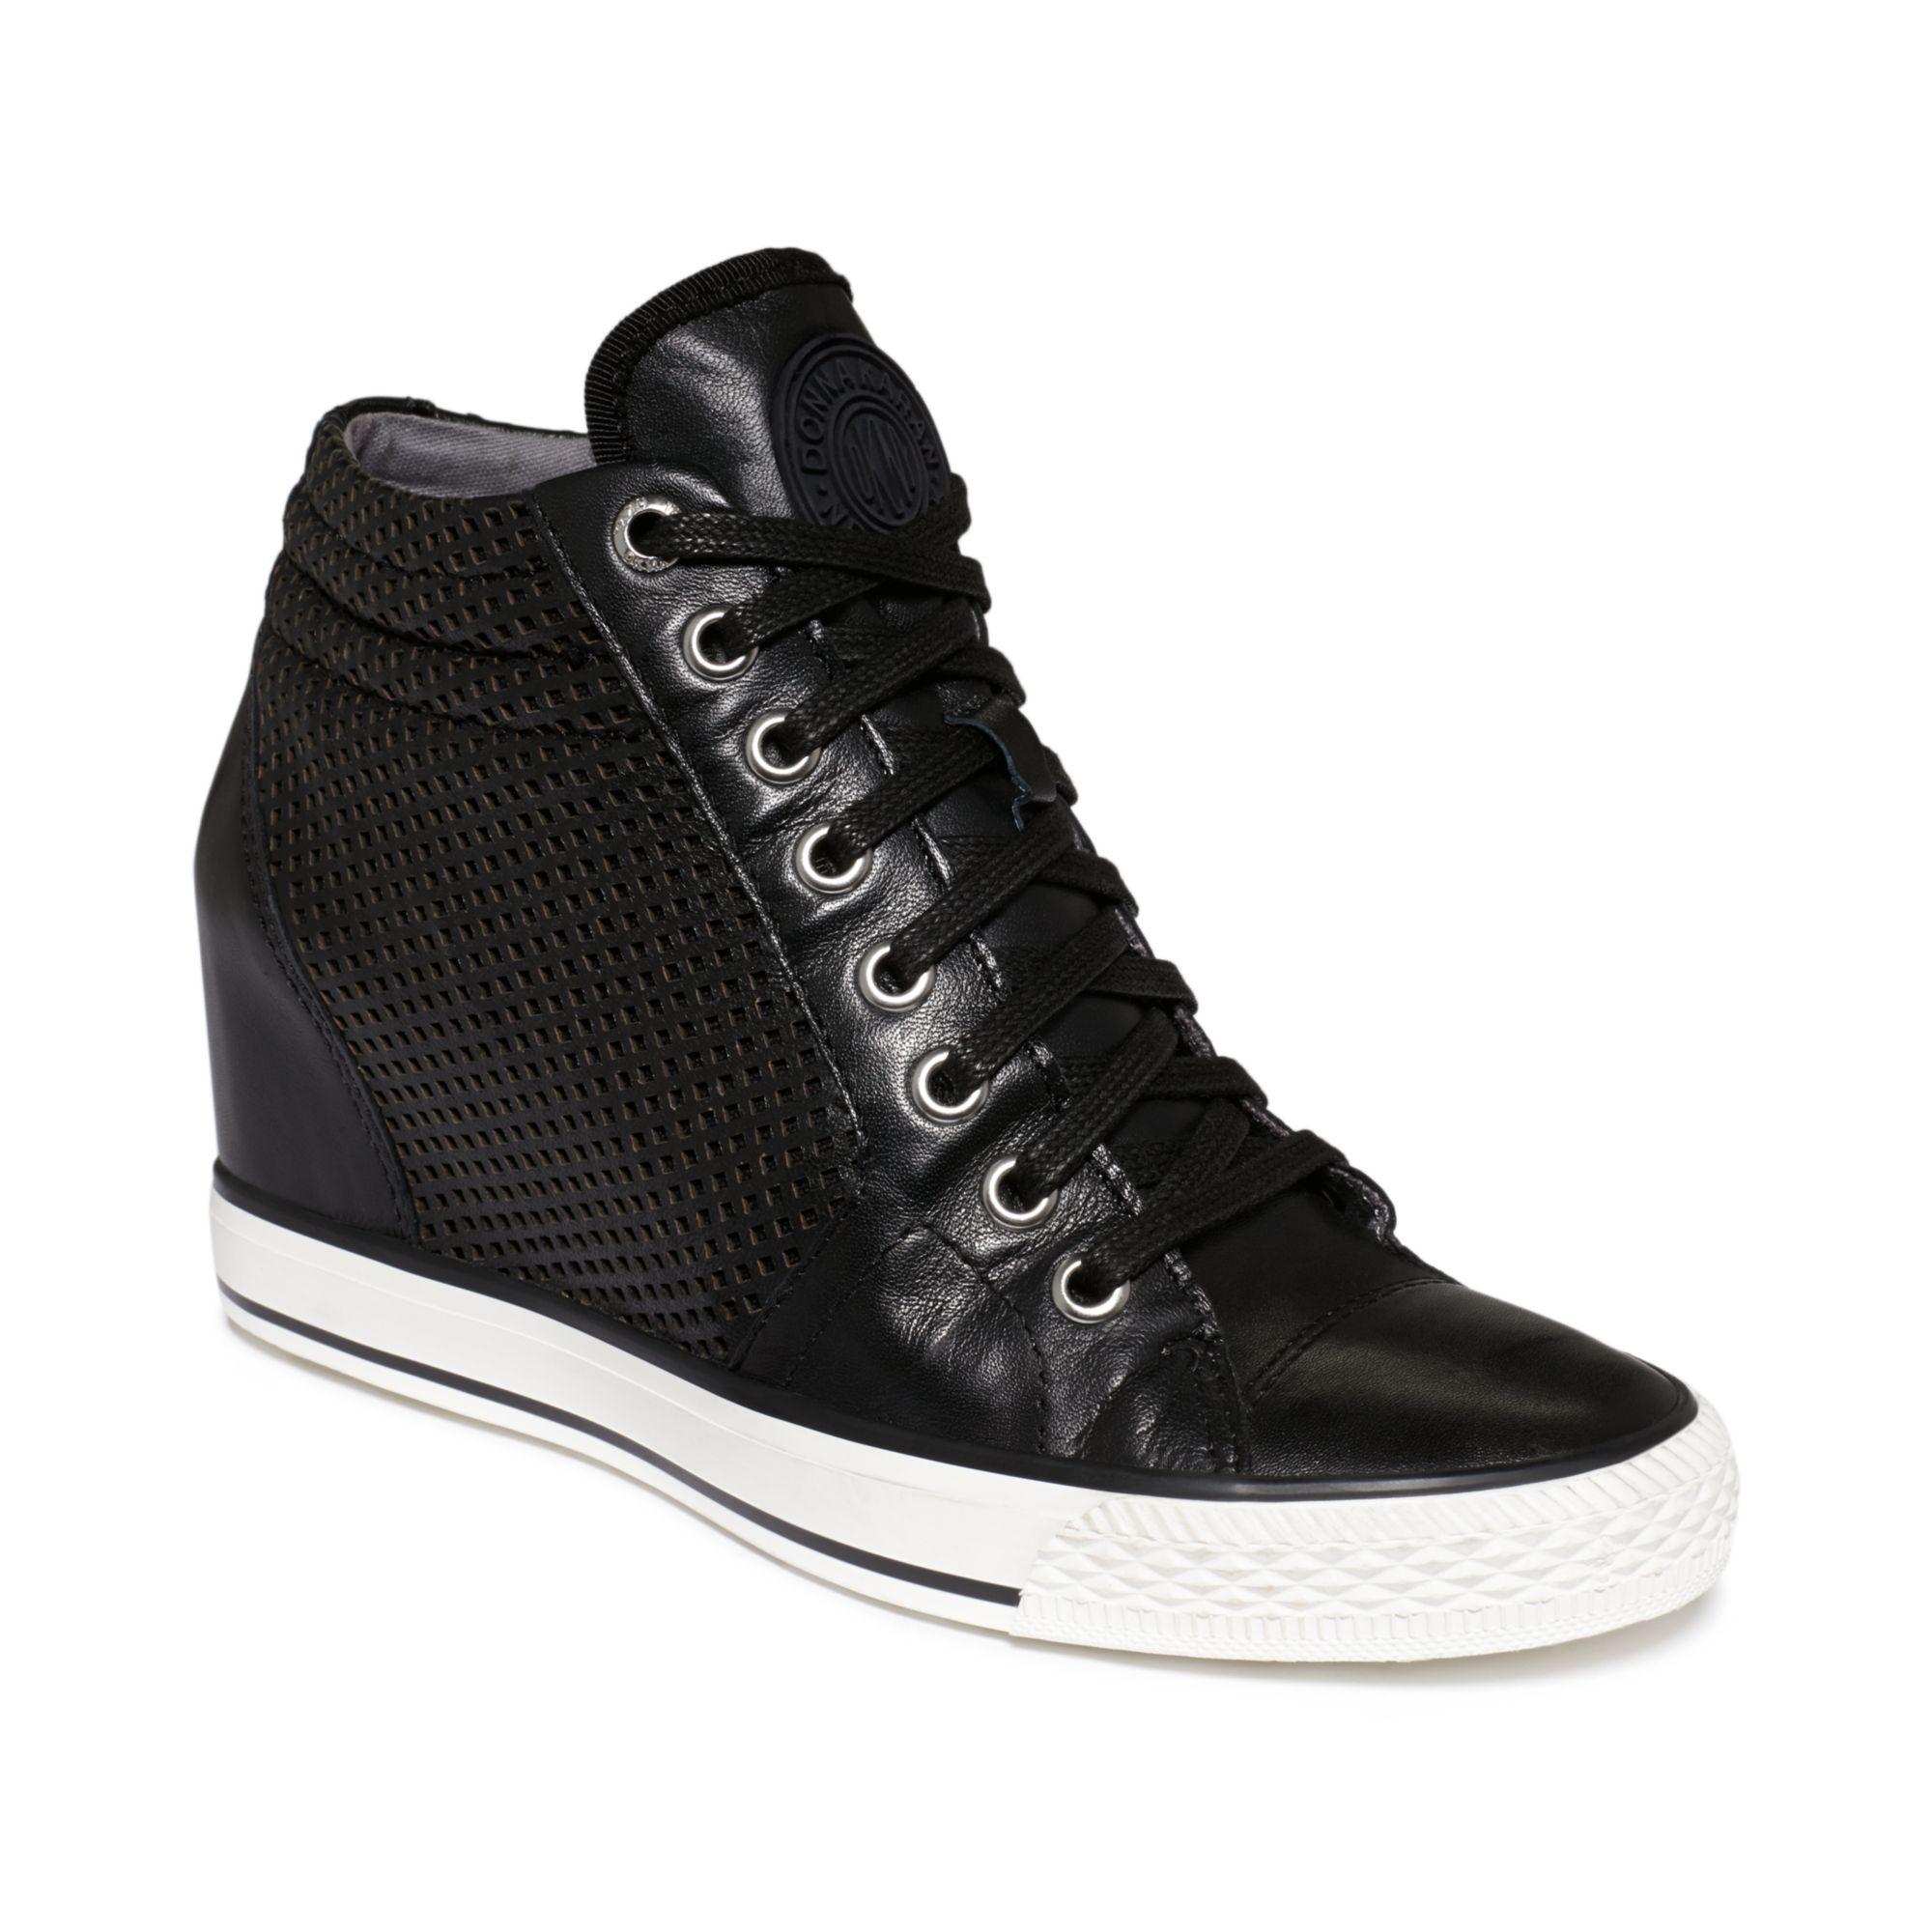 Cinzia Araia Women S Shoes